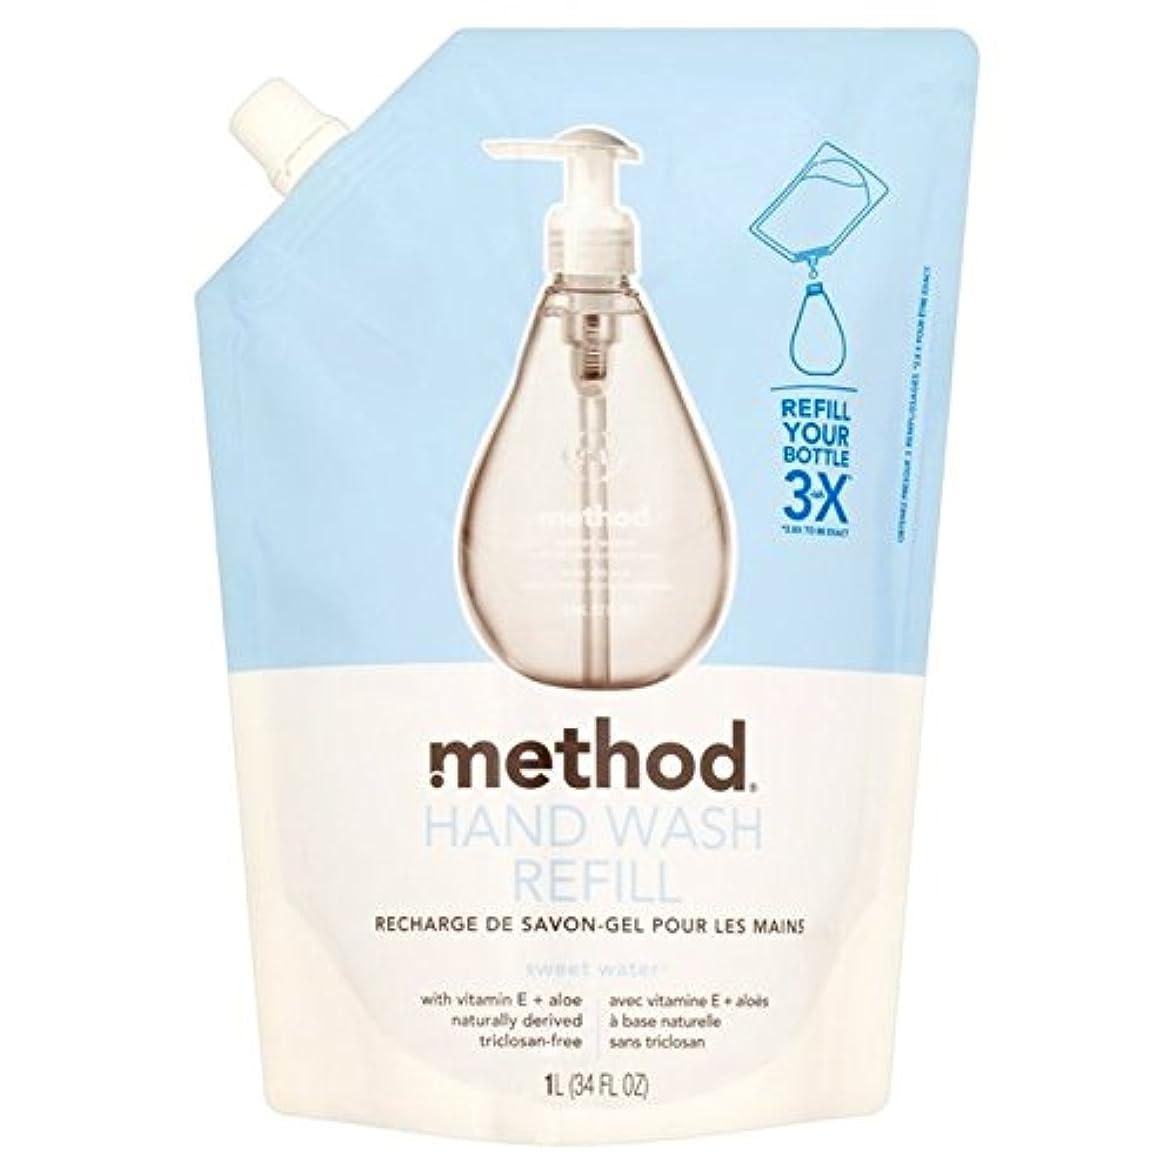 逆にクマノミ骨の折れるメソッドの甘い水のリファイルの手洗いの1リットル x4 - Method Sweet Water Refil Handwash 1L (Pack of 4) [並行輸入品]